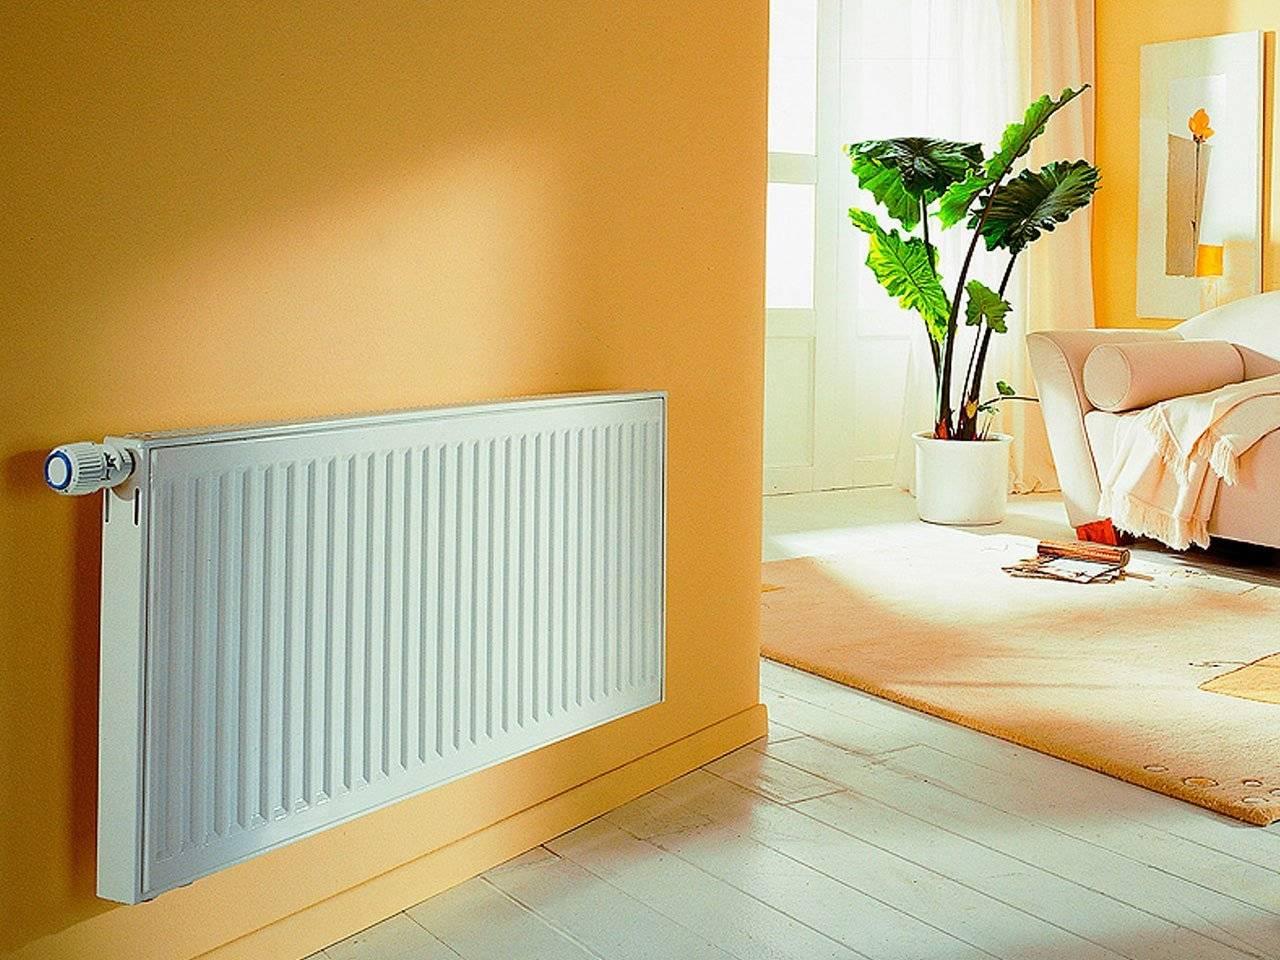 Какой радиатор отопления лучше для квартиры, частного дома | строительный блог вити петрова